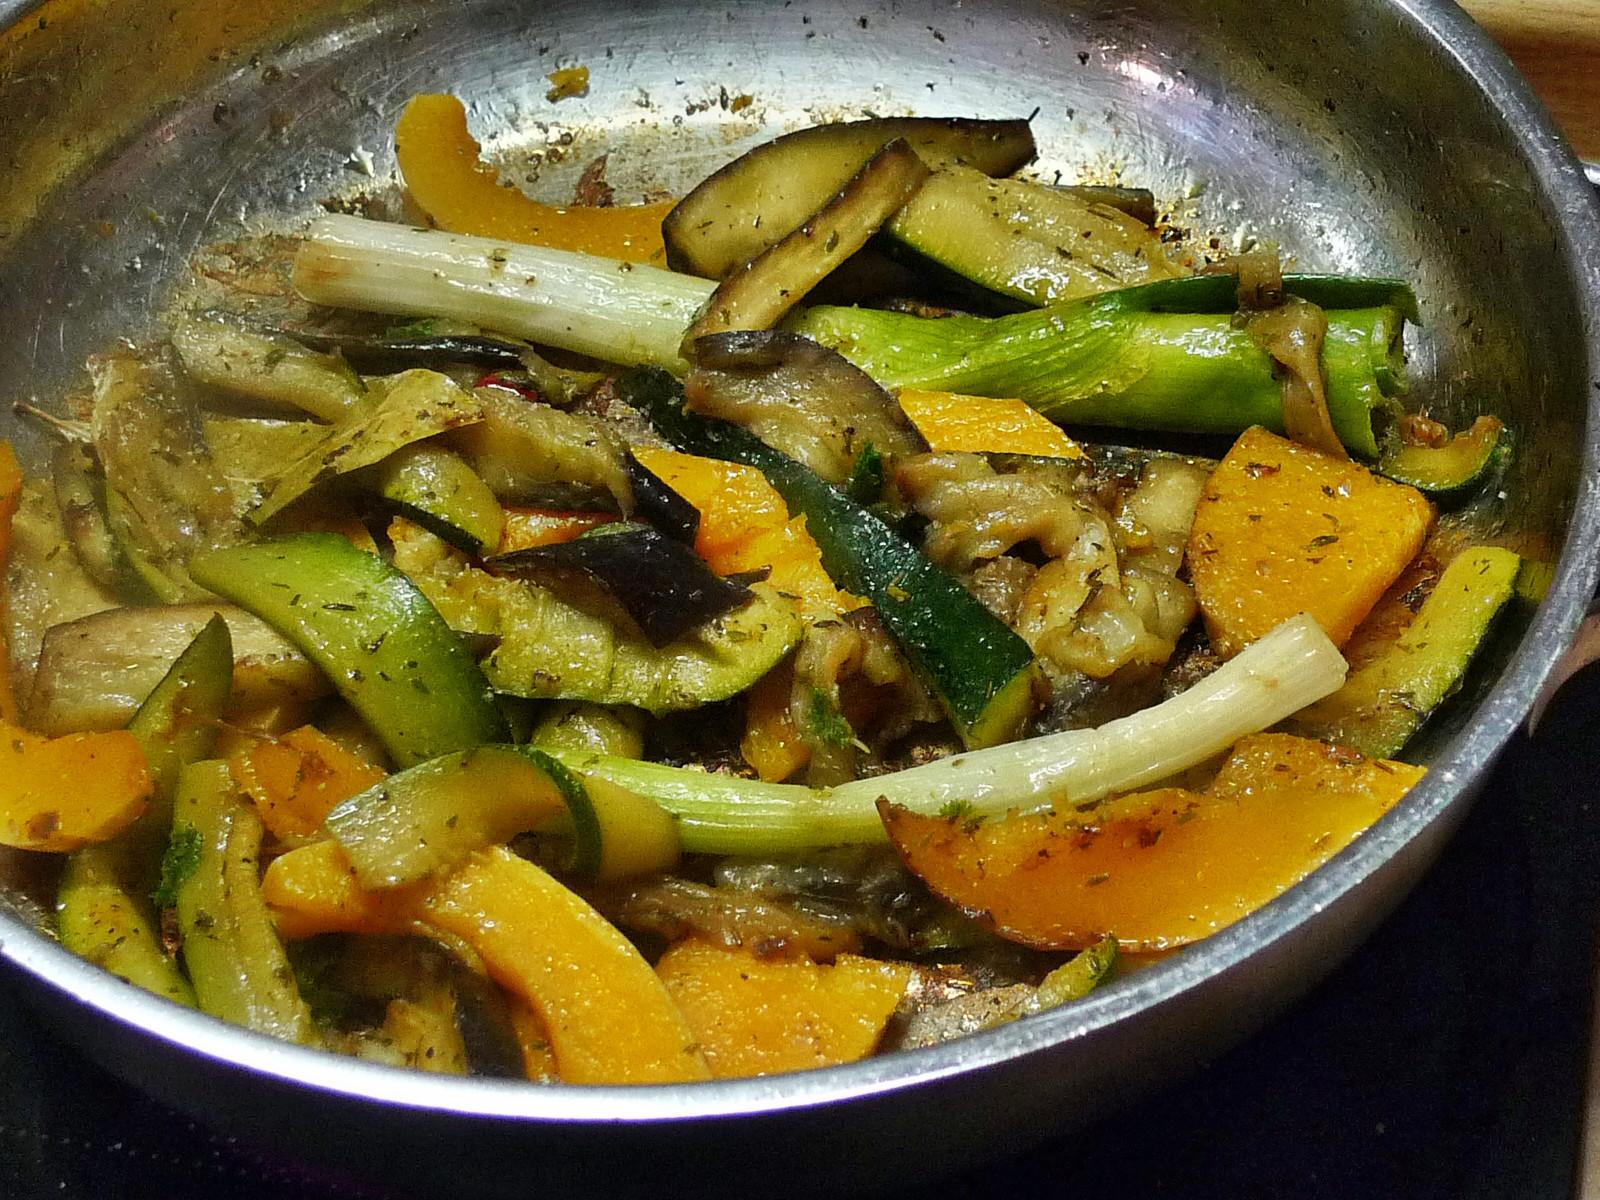 Nudeln mit Bärlauchpesto,Gemüse-4.12.14   (5)